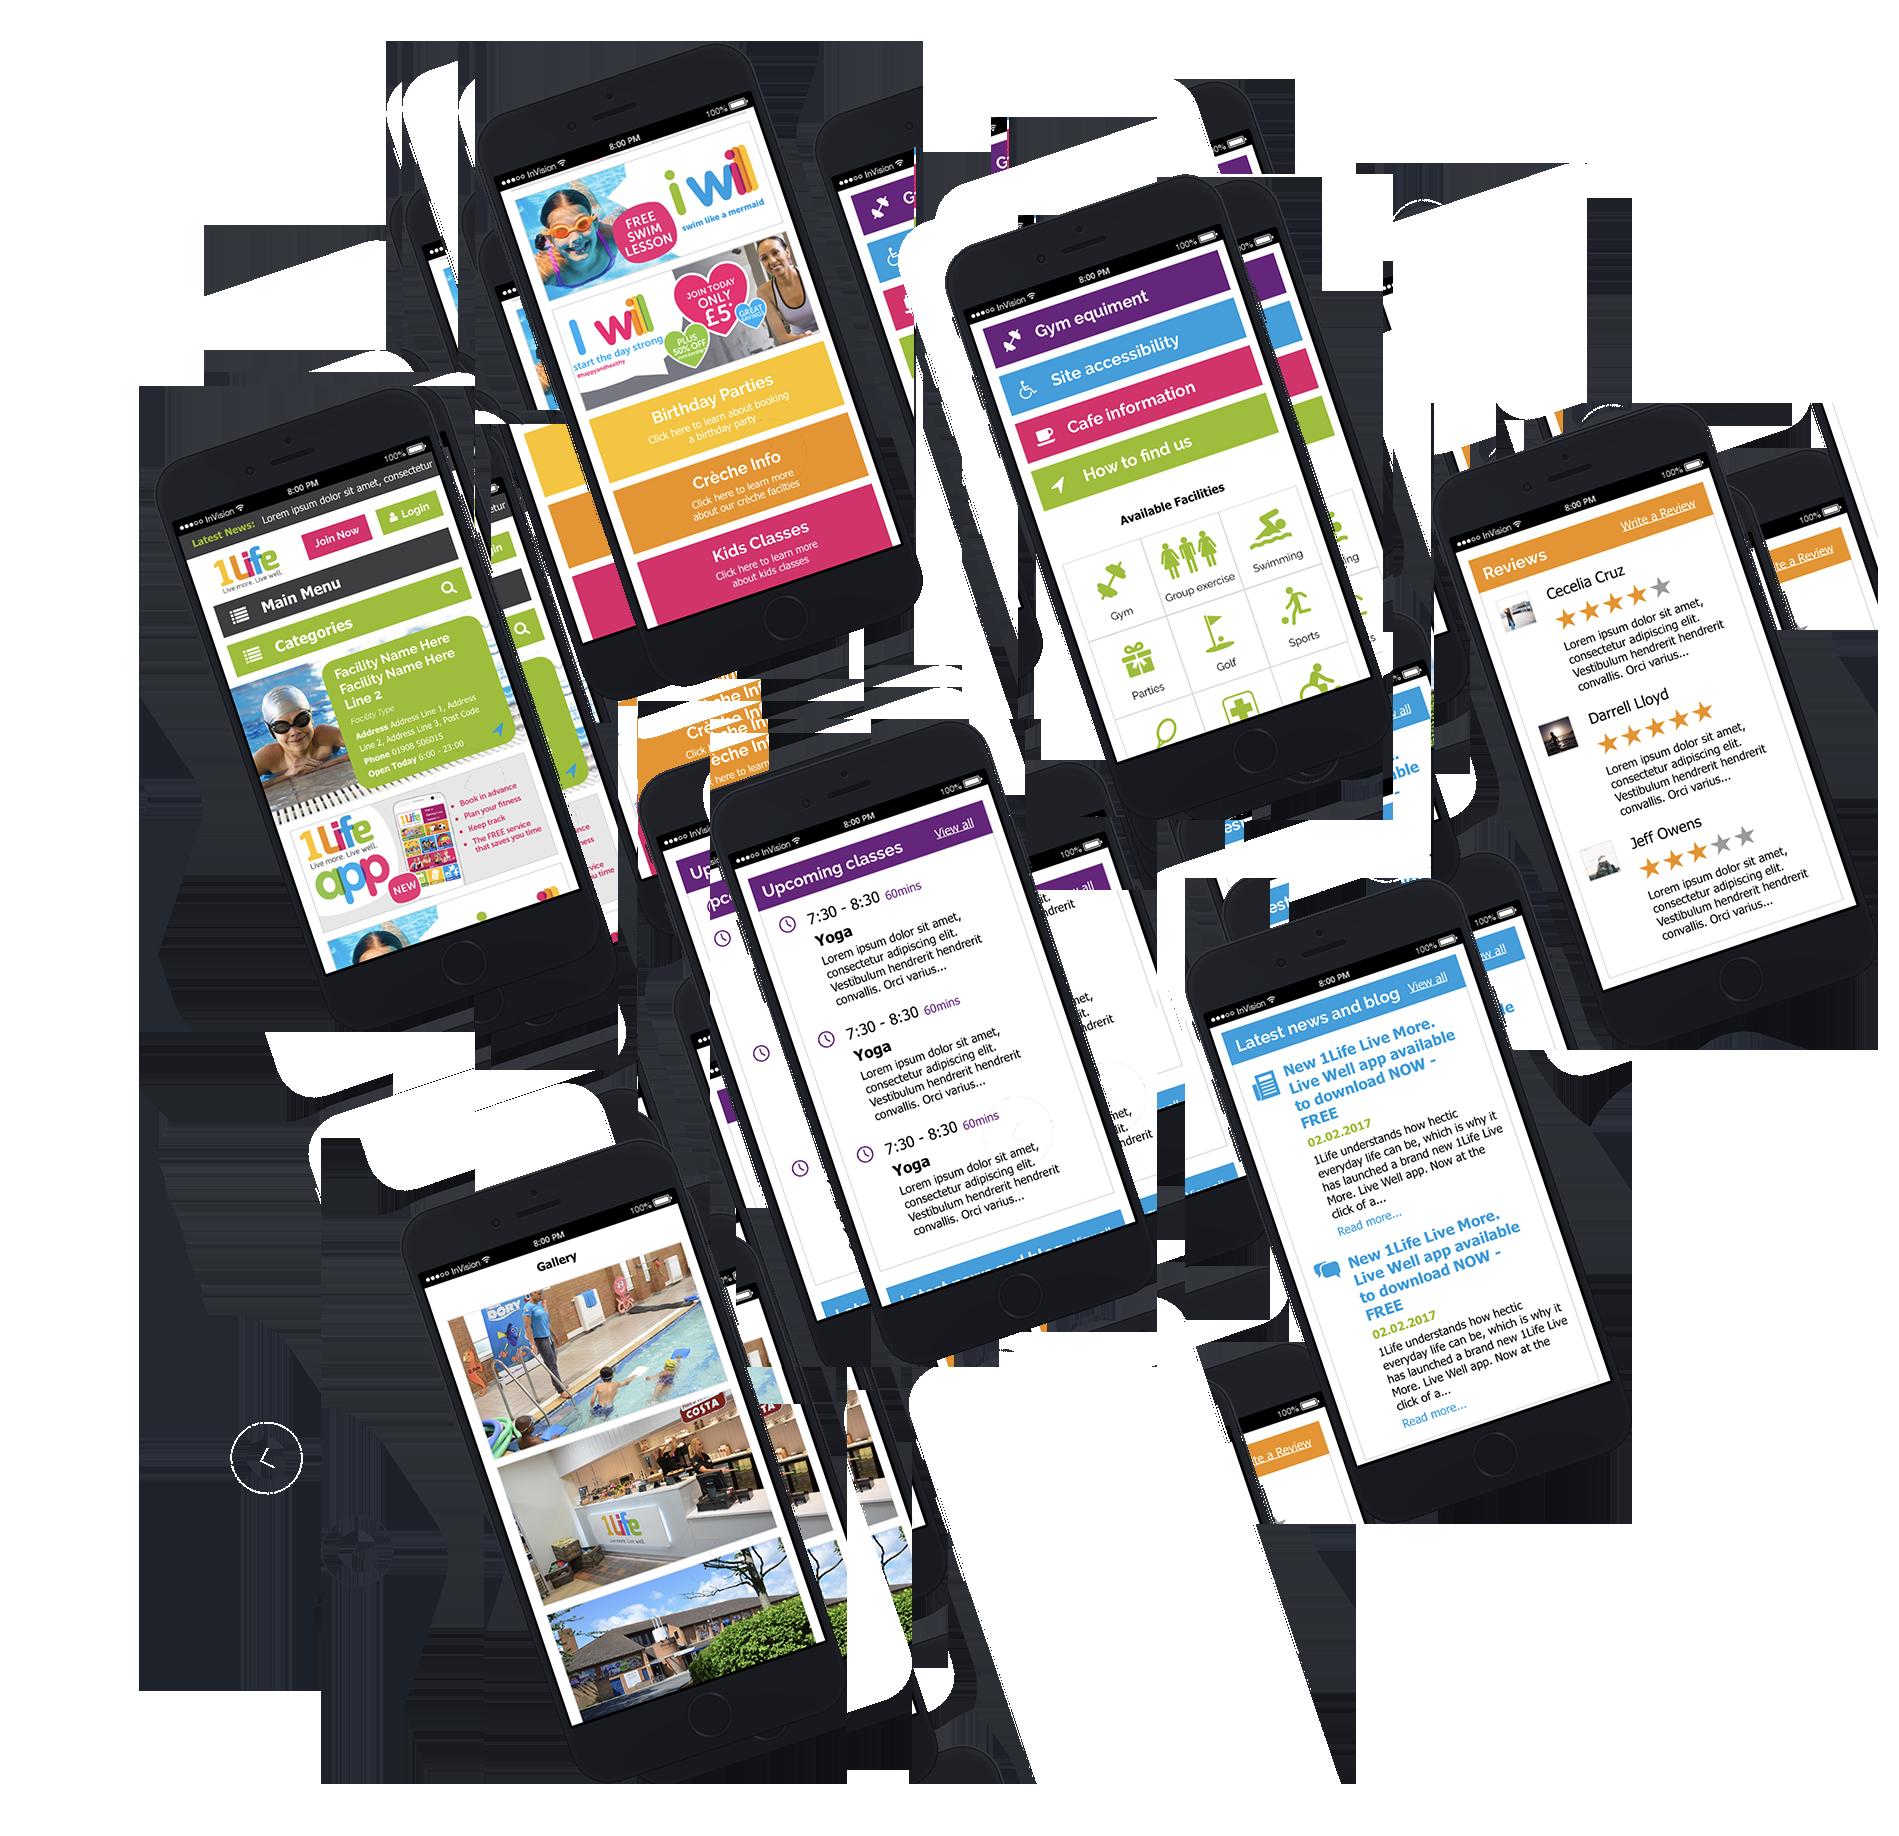 mobile-designs-1